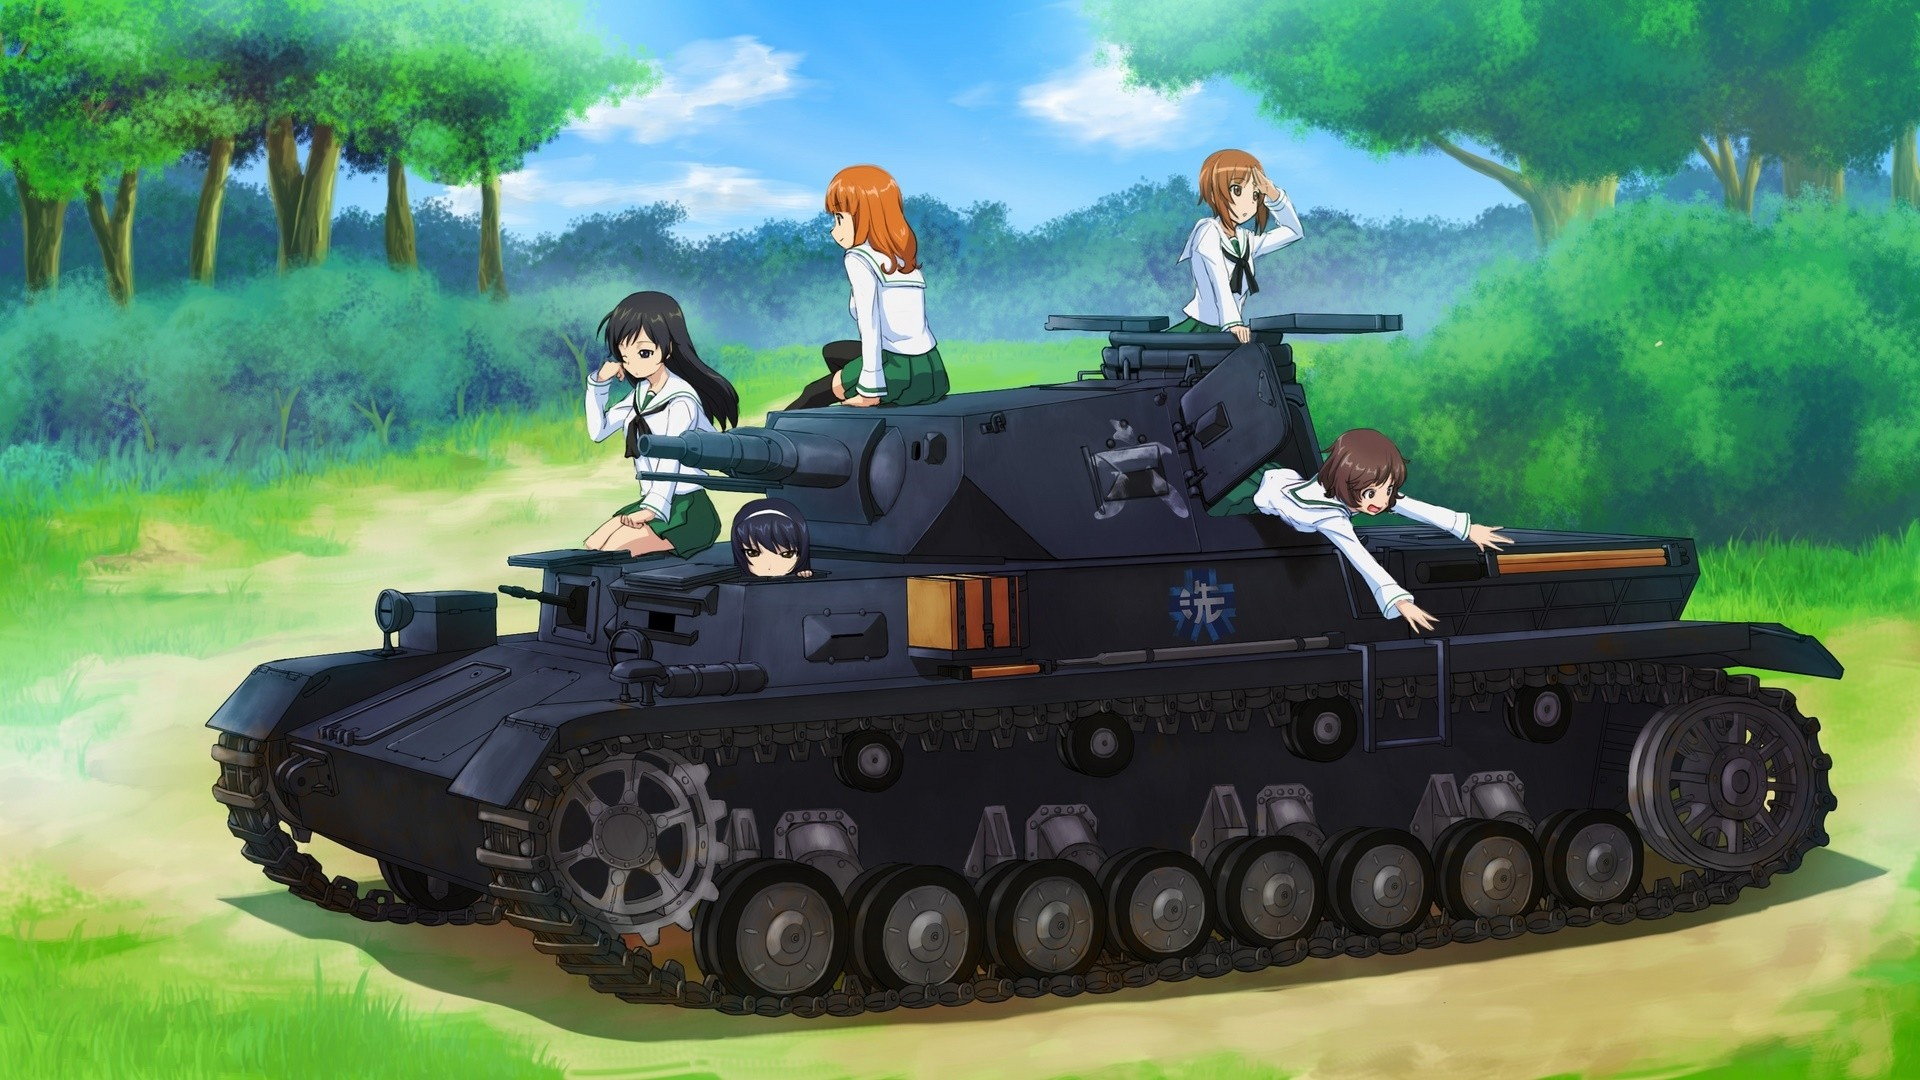 Girls Und Panzer Wallpaper Picture